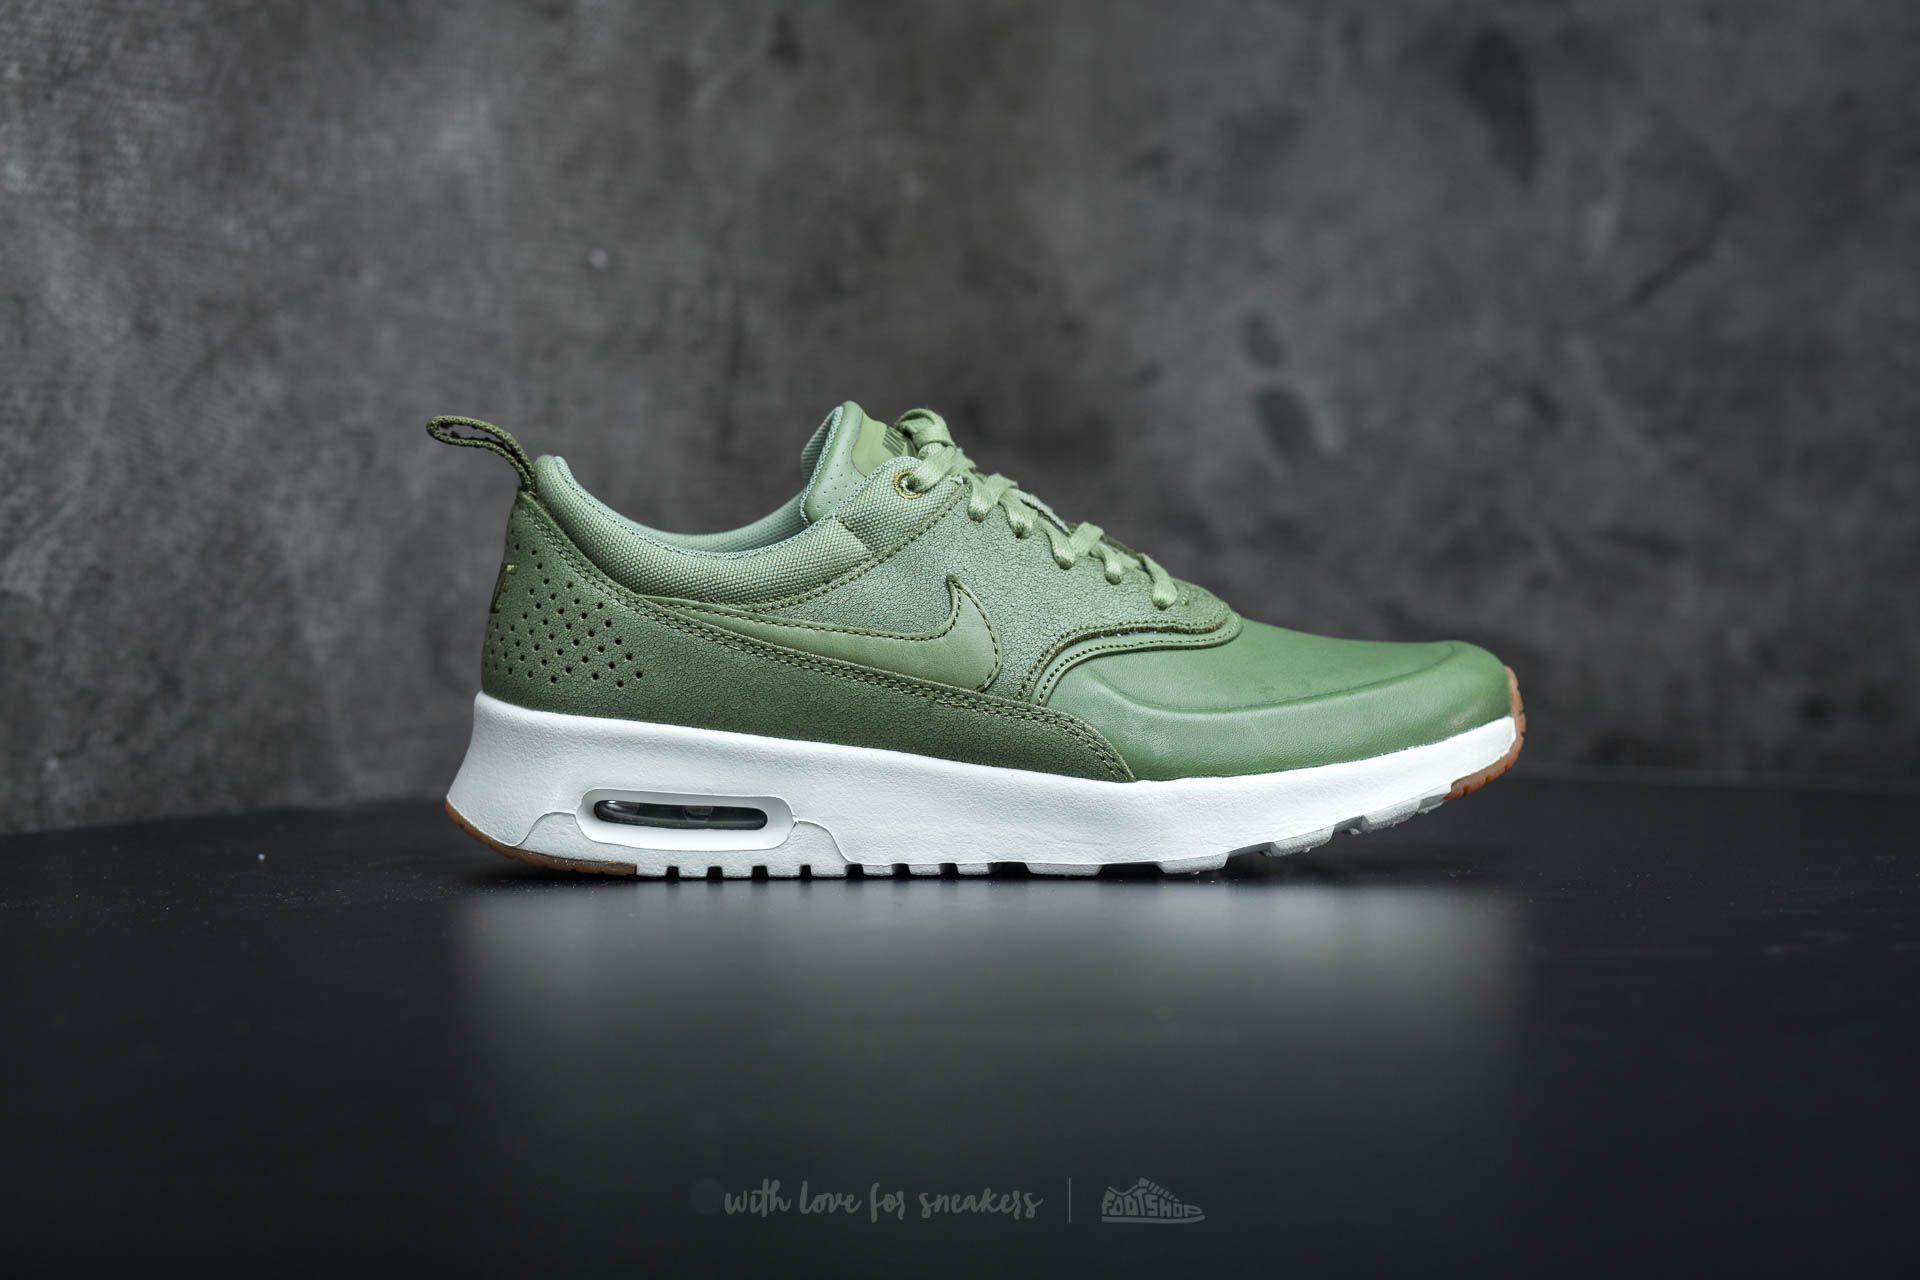 Nike Wmns Air Max Thea Premium Palm Green Palm Green Sail